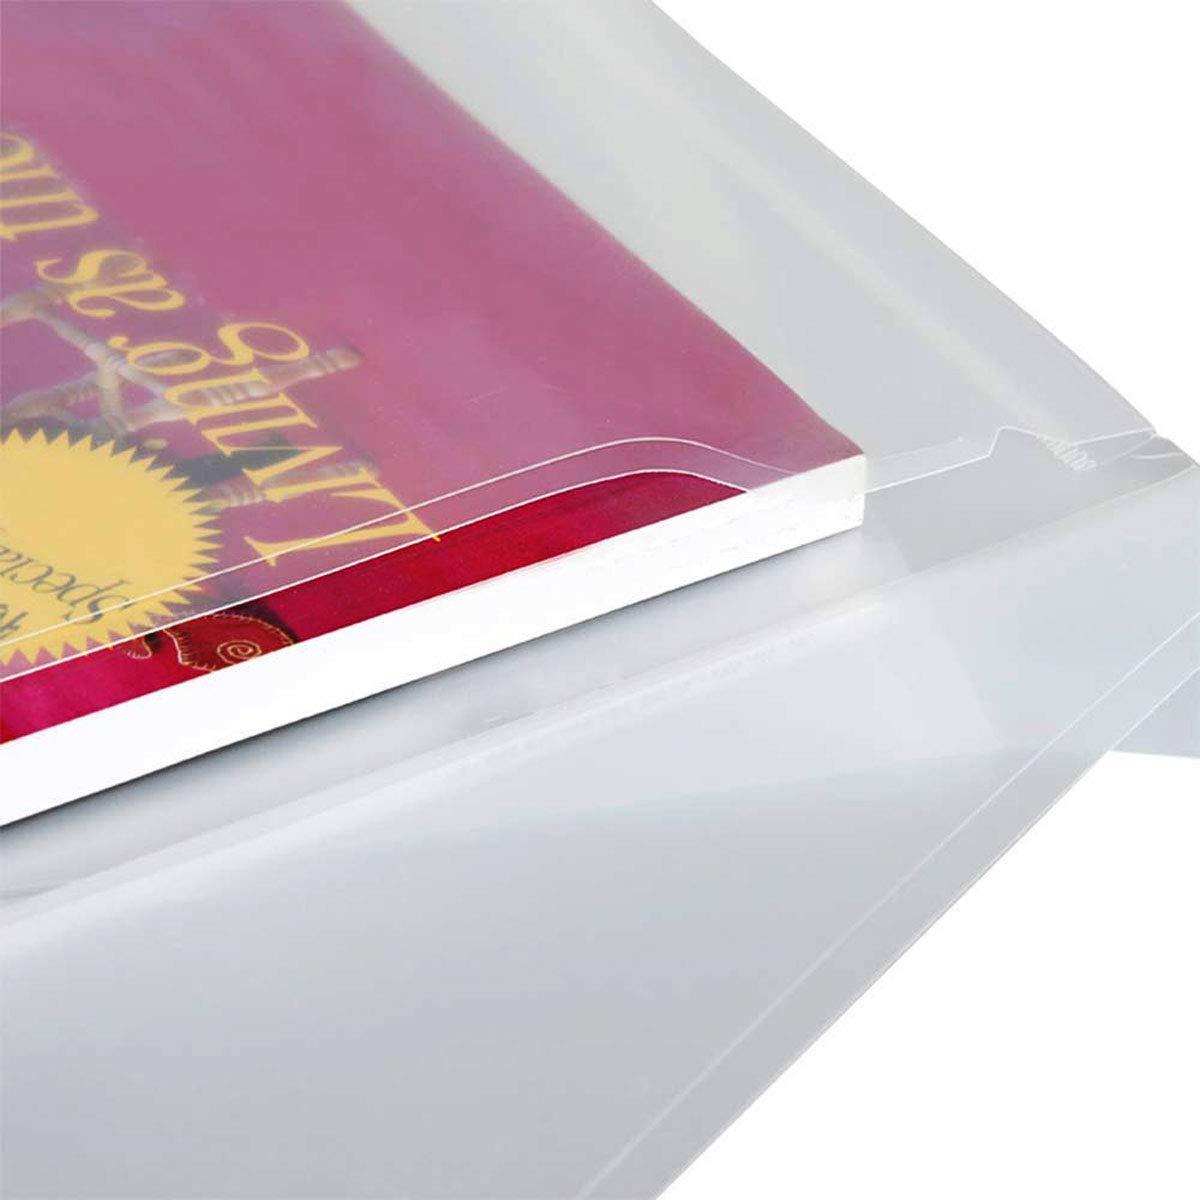 Dokumentenmappe 6 St/ück A4 Kunststoff